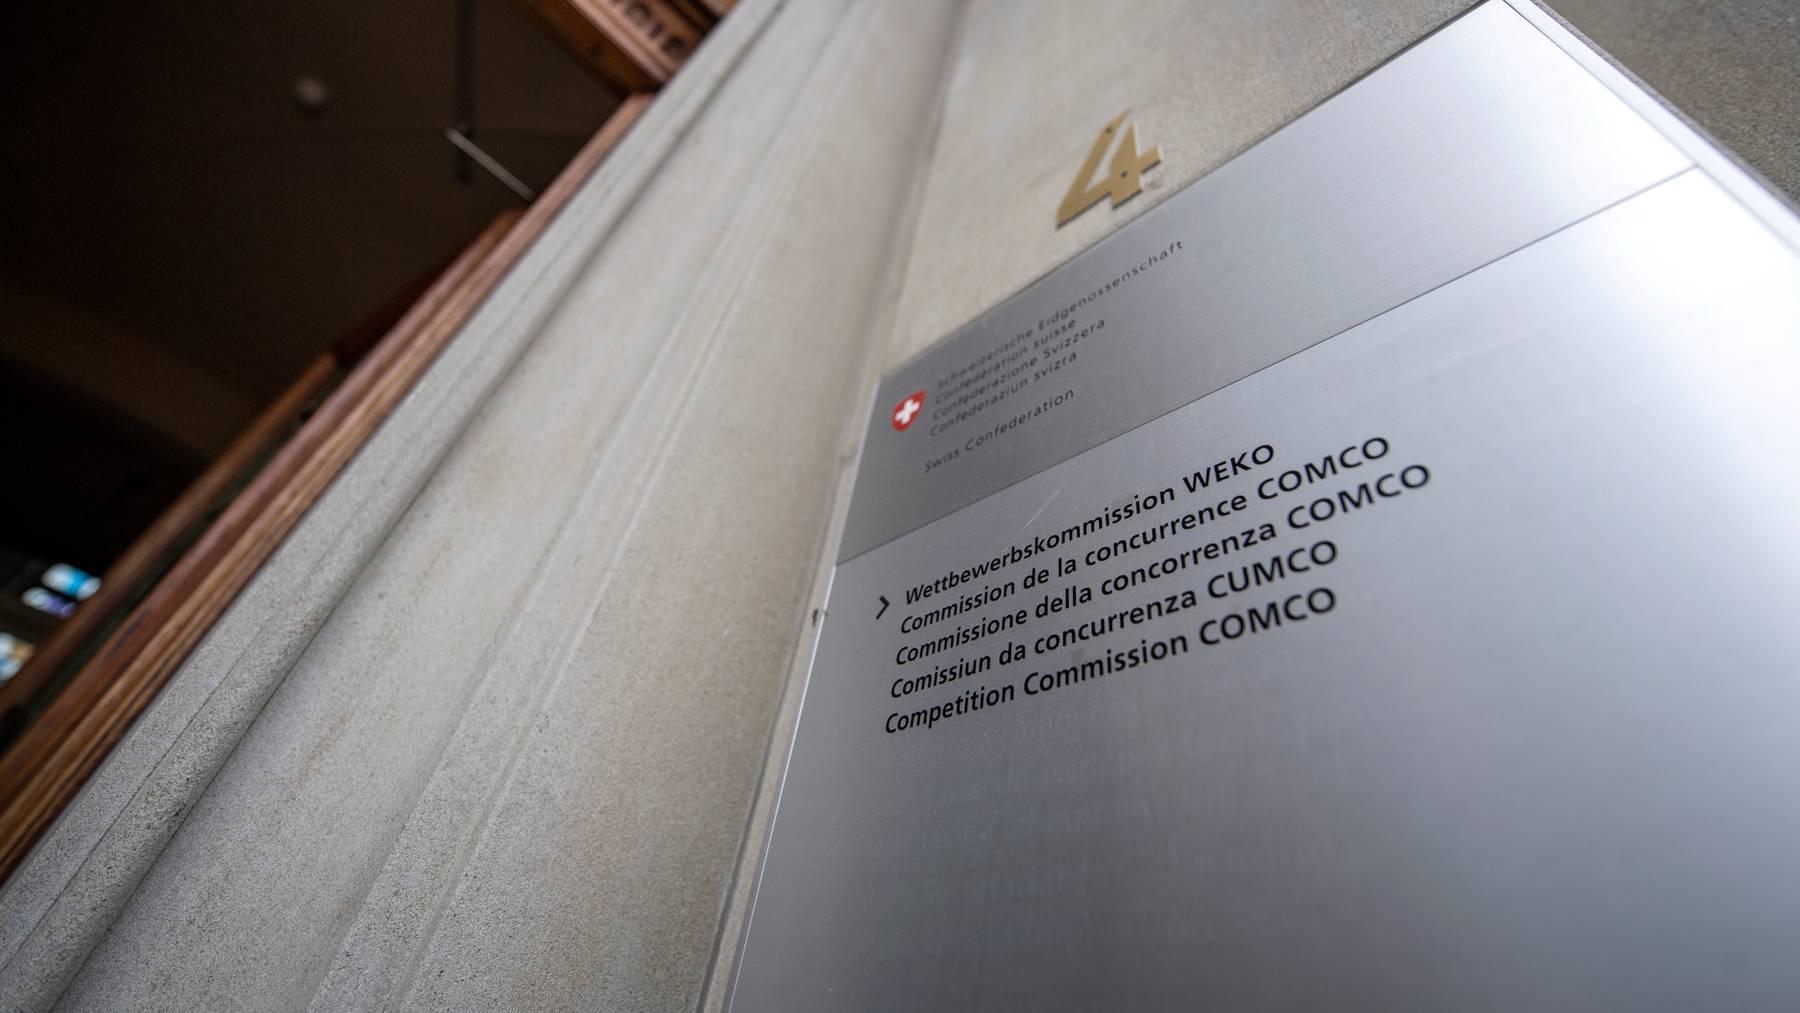 Die Weko hat im Jahr 2019 rund 12 Verfahren abgeschlossen.